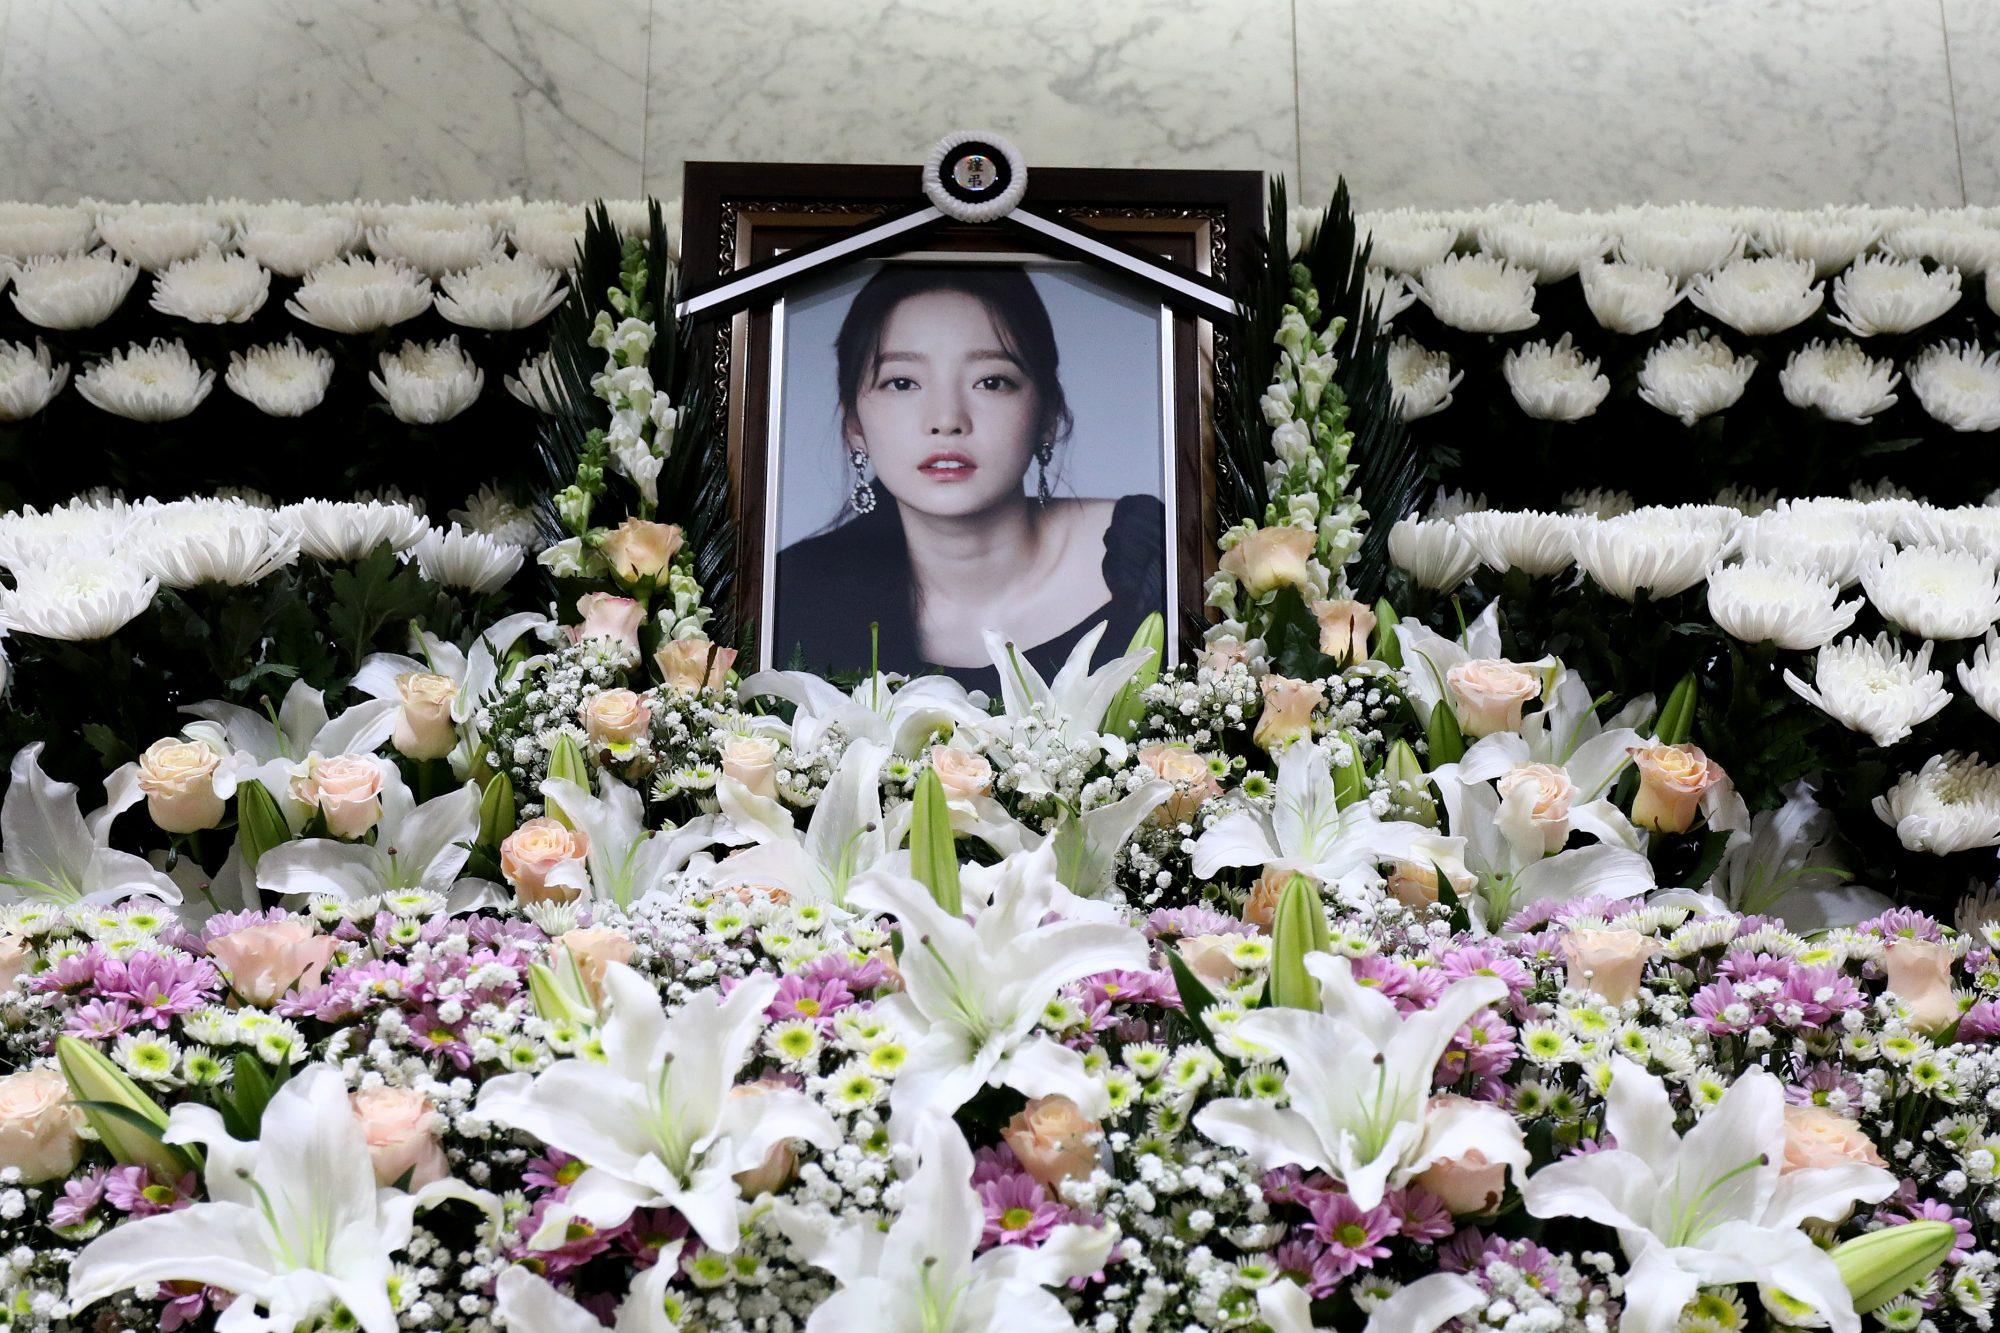 People React To Death Of K-pop Star Goo Hara of Kara In Seoul